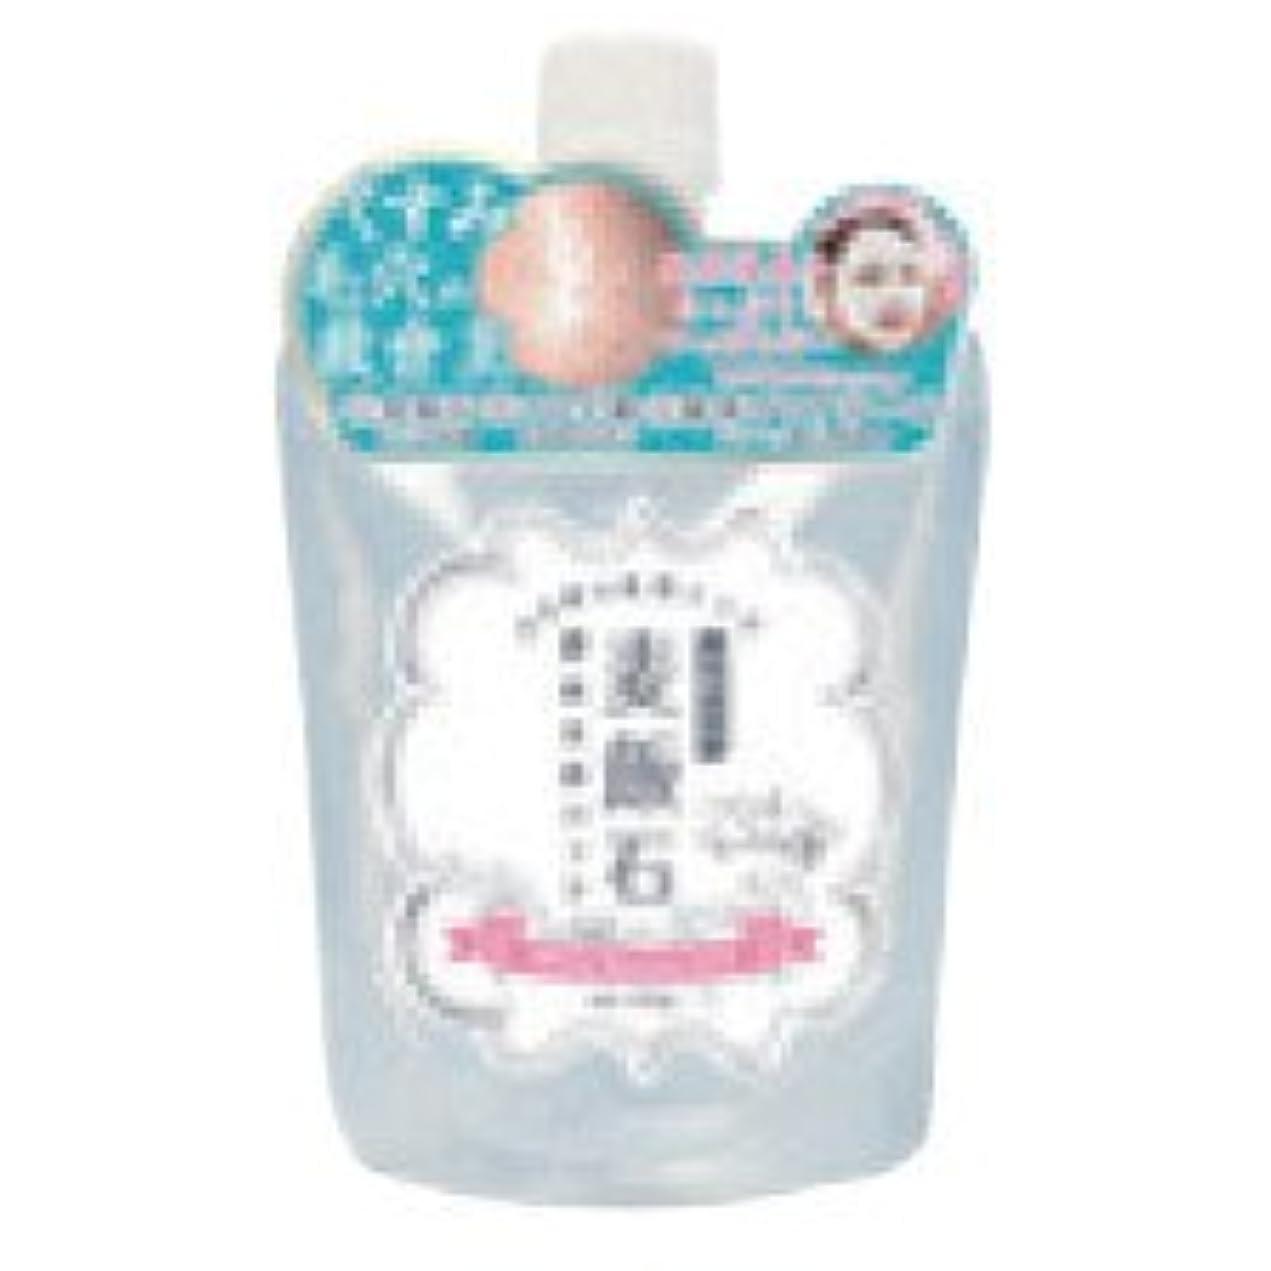 淡い見捨てられた死ぬホワイトムースパック 美濃白川麦飯石酵素洗顔パック 100g 3個セット